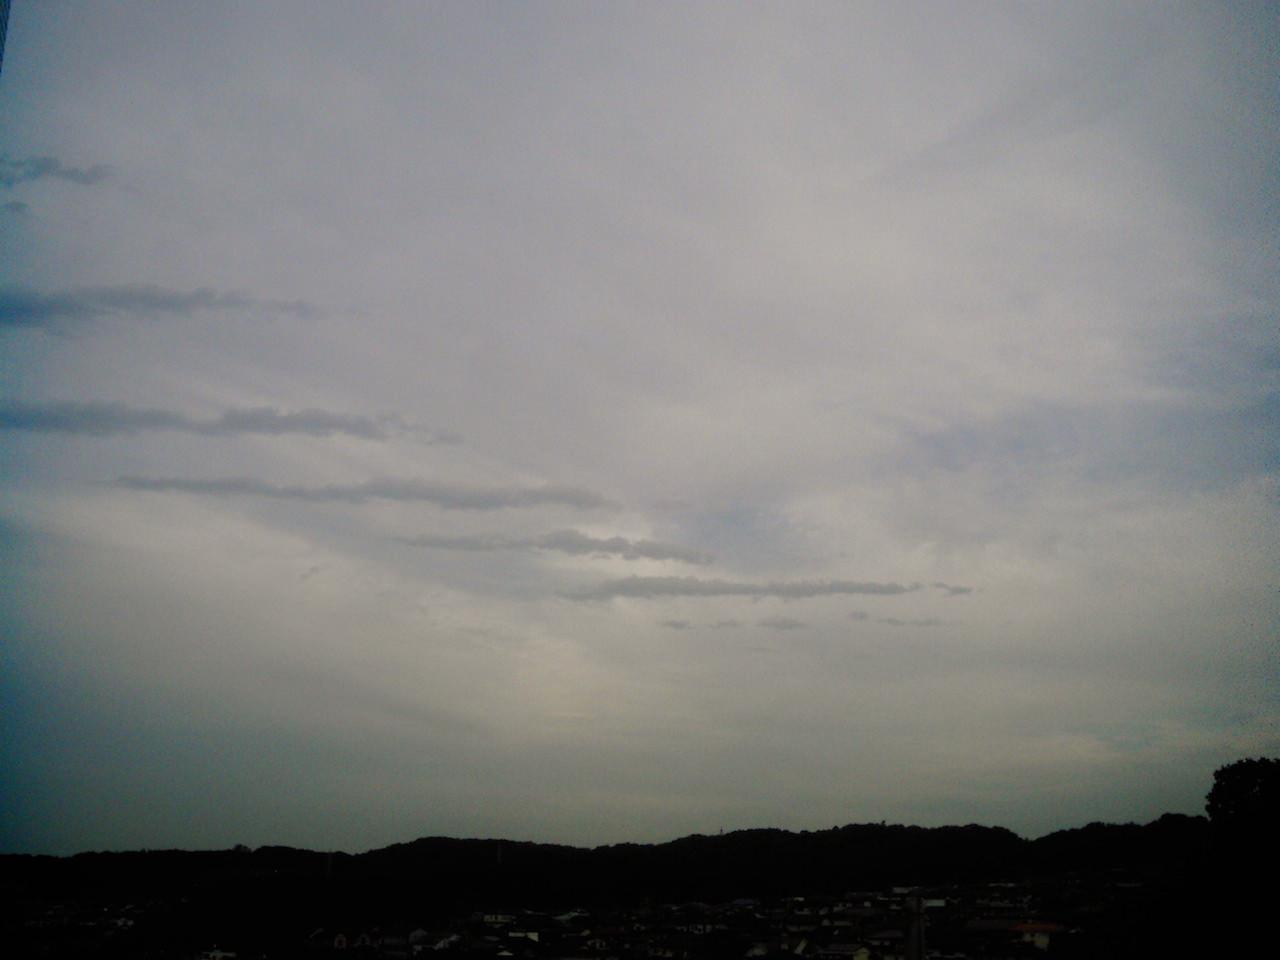 Polaroid-a520_sky20140306-5.jpg